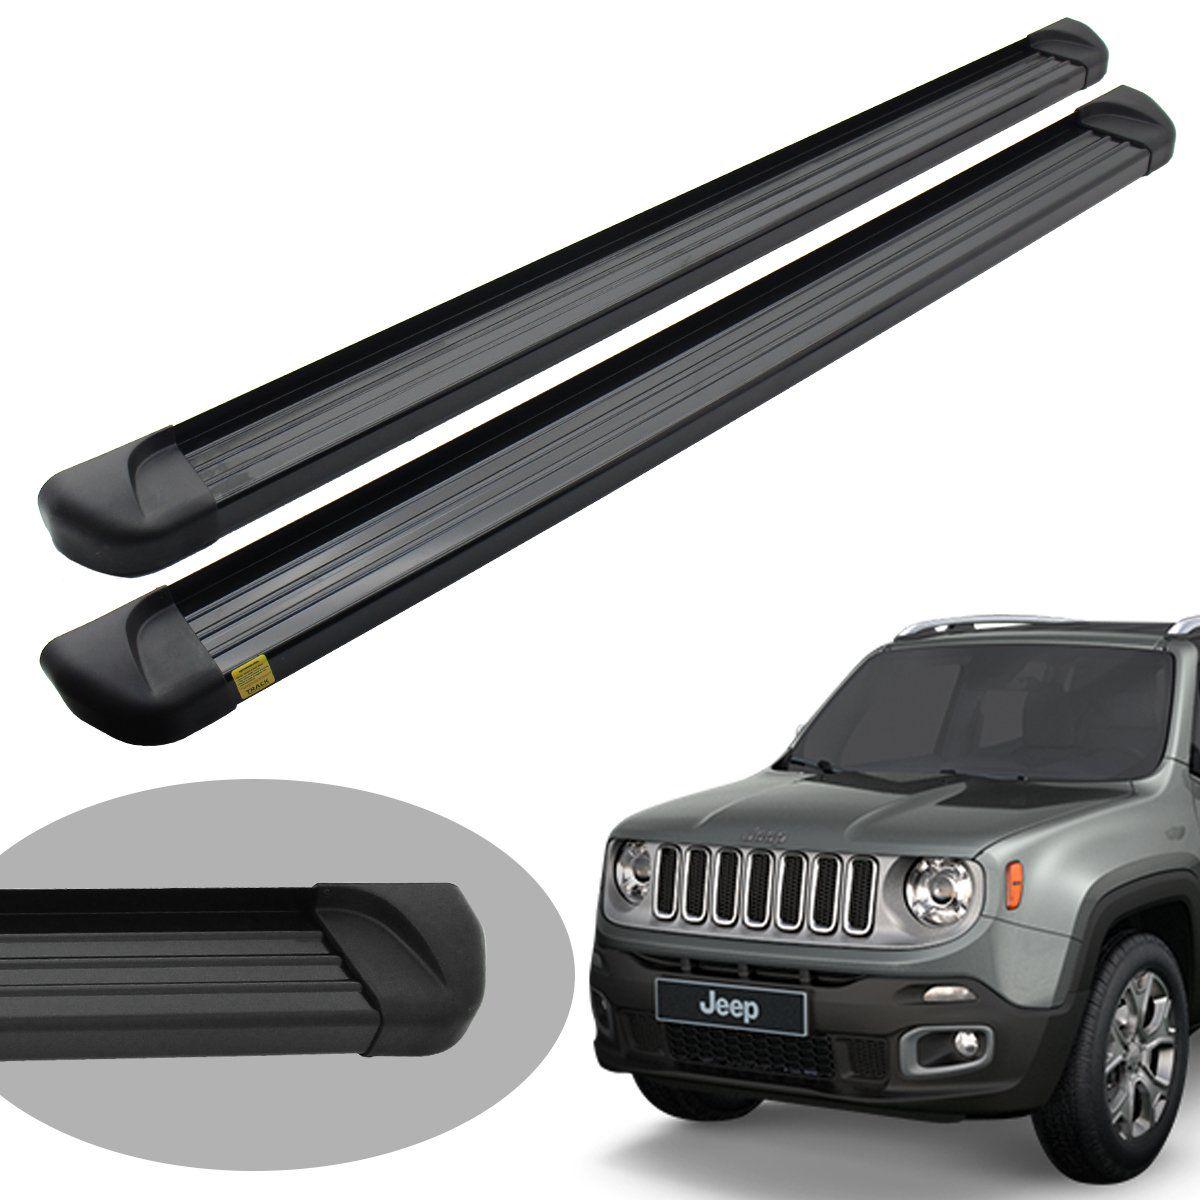 Estribo plataforma alumínio preto Jeep Renegade 2016 a 2021